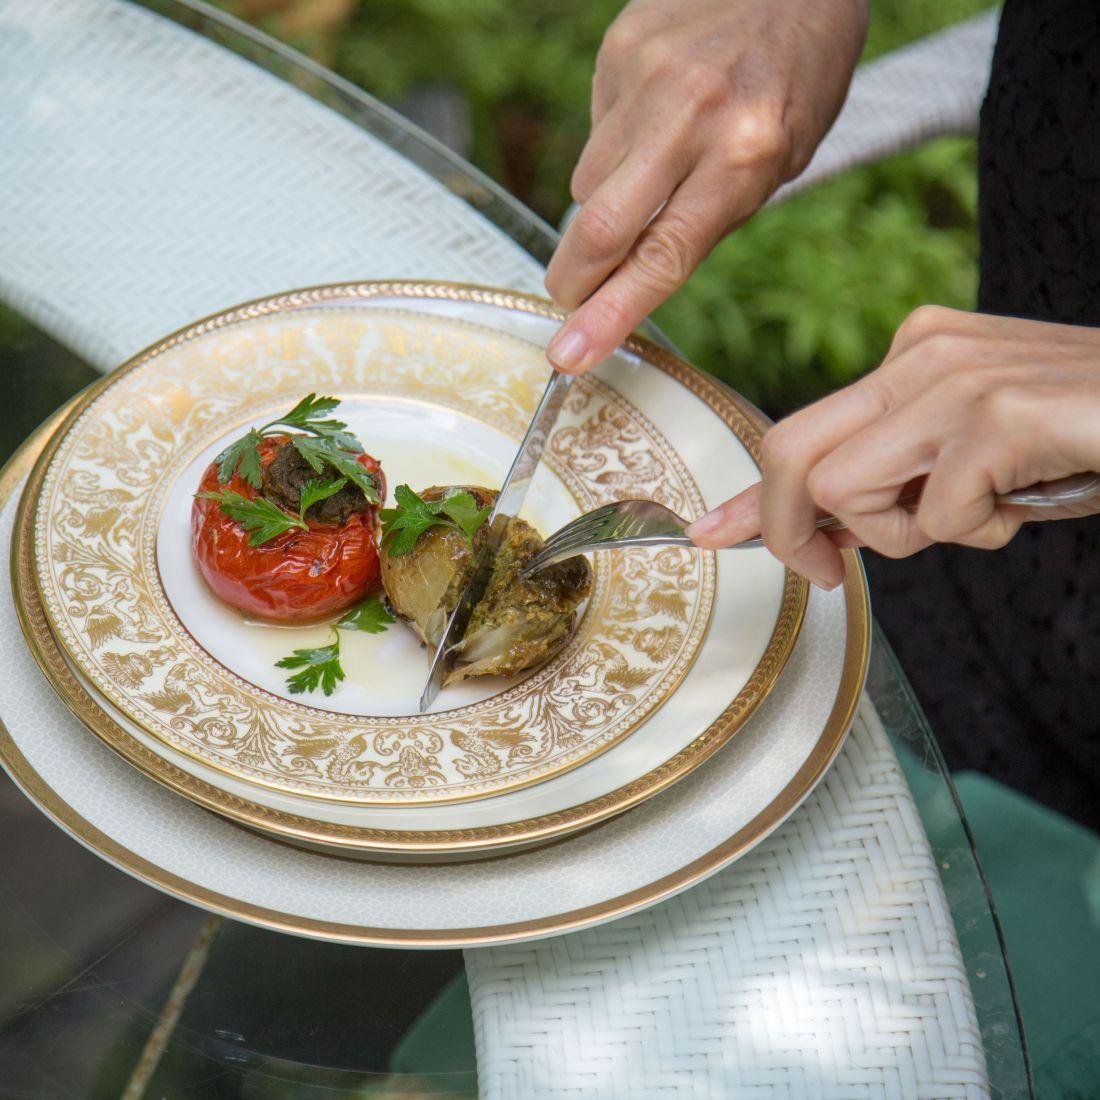 פטיט פארסי - עגבניות, בצל וזוקיני ממולאים בעשבי תיבול ופירורי לחם